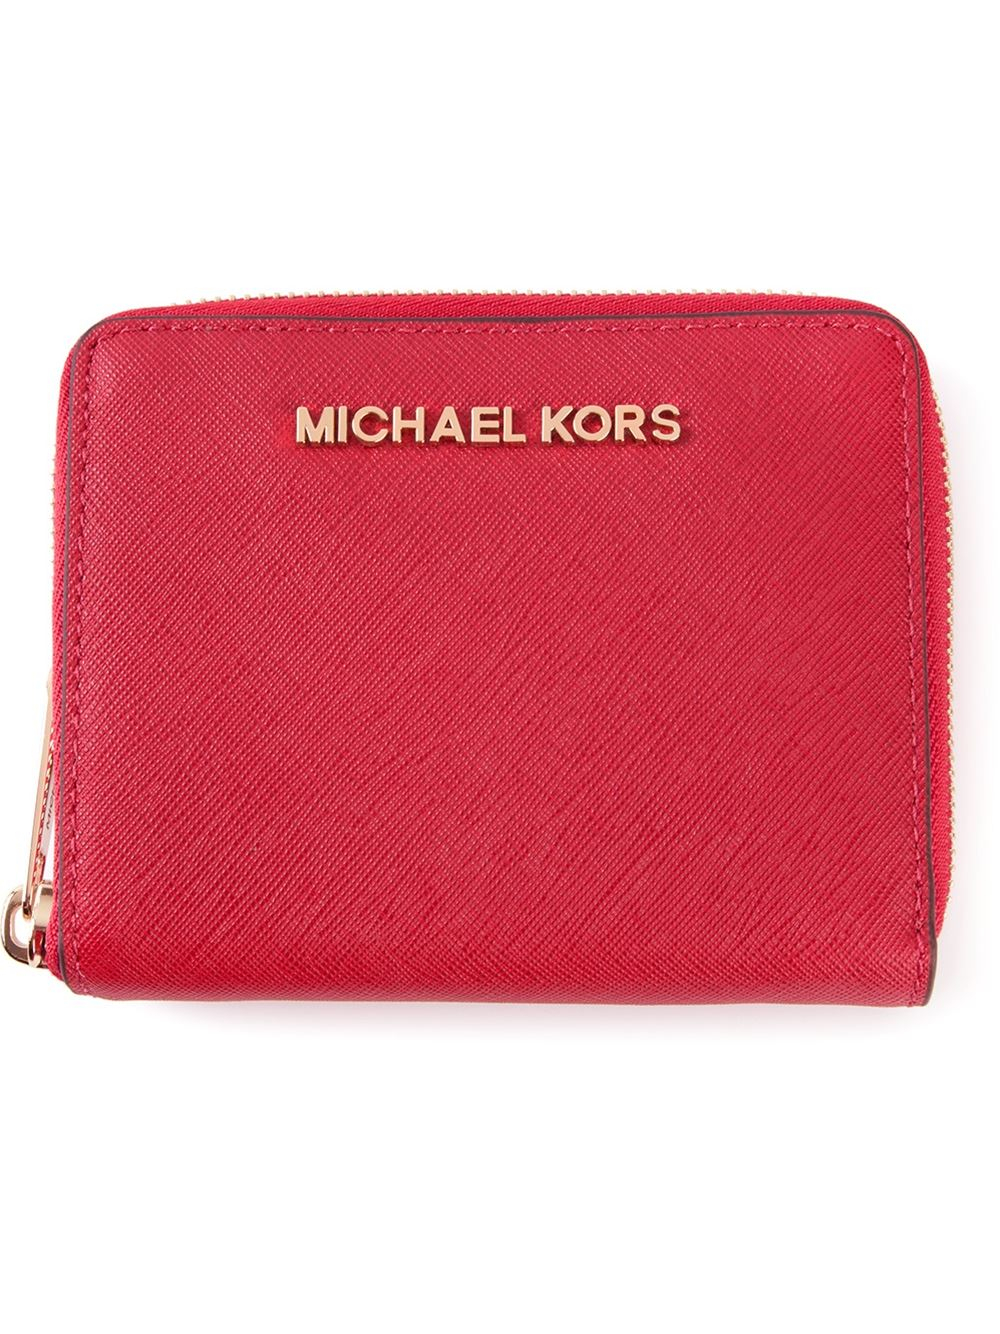 799acf918944 MICHAEL Michael Kors 'Jet Set Travel' Medium Zip Around Wallet in ...